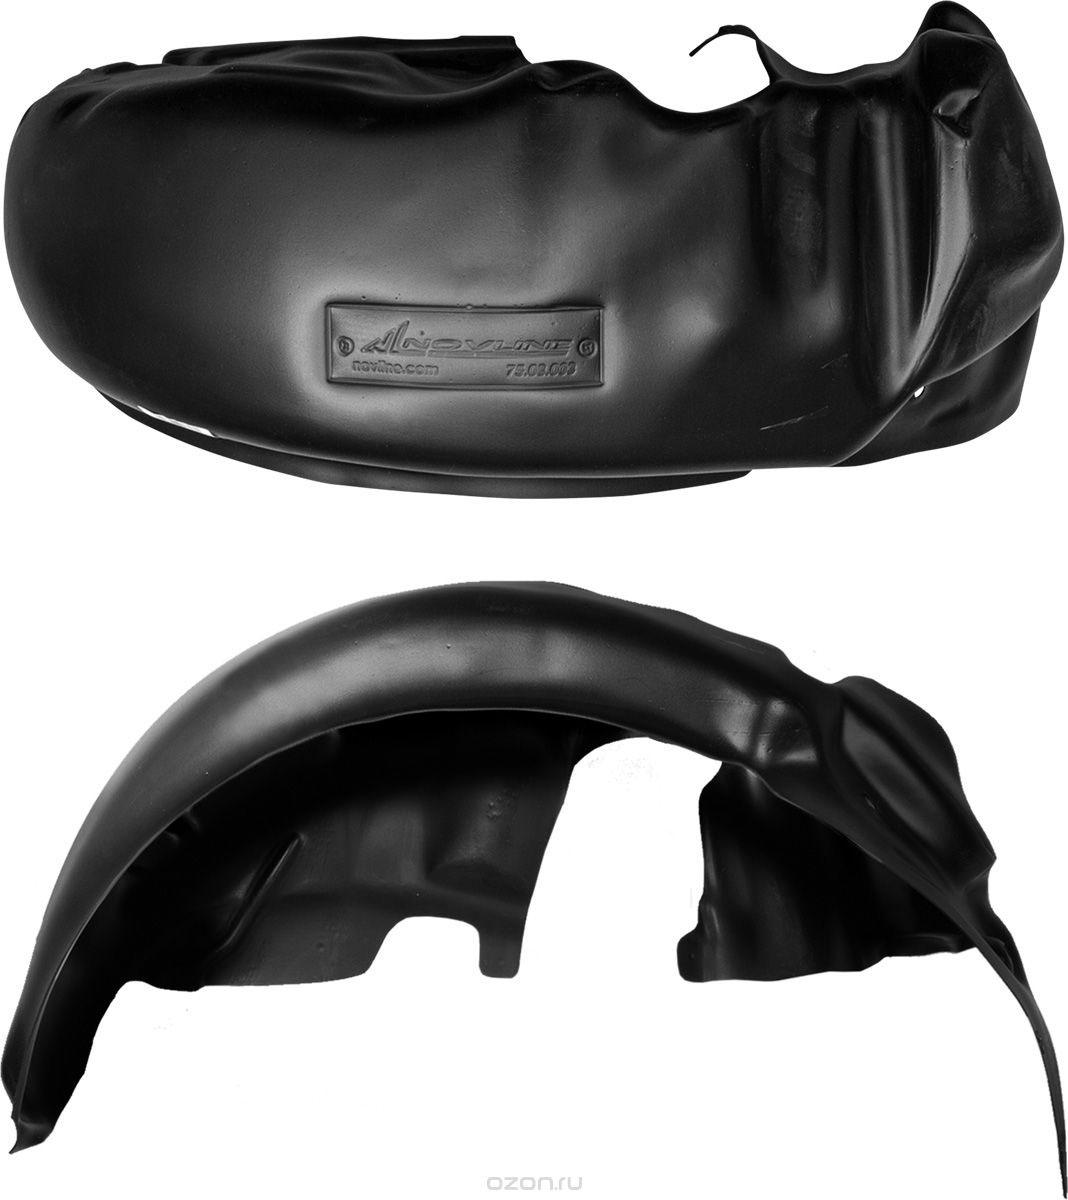 Подкрылок Novline-Autofamily, для TOYOTA Verso , 2012->, передний левыйNLL.52.34.004Идеальная защита колесной ниши. Локеры разработаны с применением цифровых технологий, гарантируют максимальную повторяемость поверхности арки. Изделия устанавливаются без нарушения лакокрасочного покрытия автомобиля, каждый подкрылок комплектуется крепежом. Уважаемые клиенты, обращаем ваше внимание, что фотографии на подкрылки универсальные и не отражают реальную форму изделия. При этом само изделие идет точно под размер указанного автомобиля.